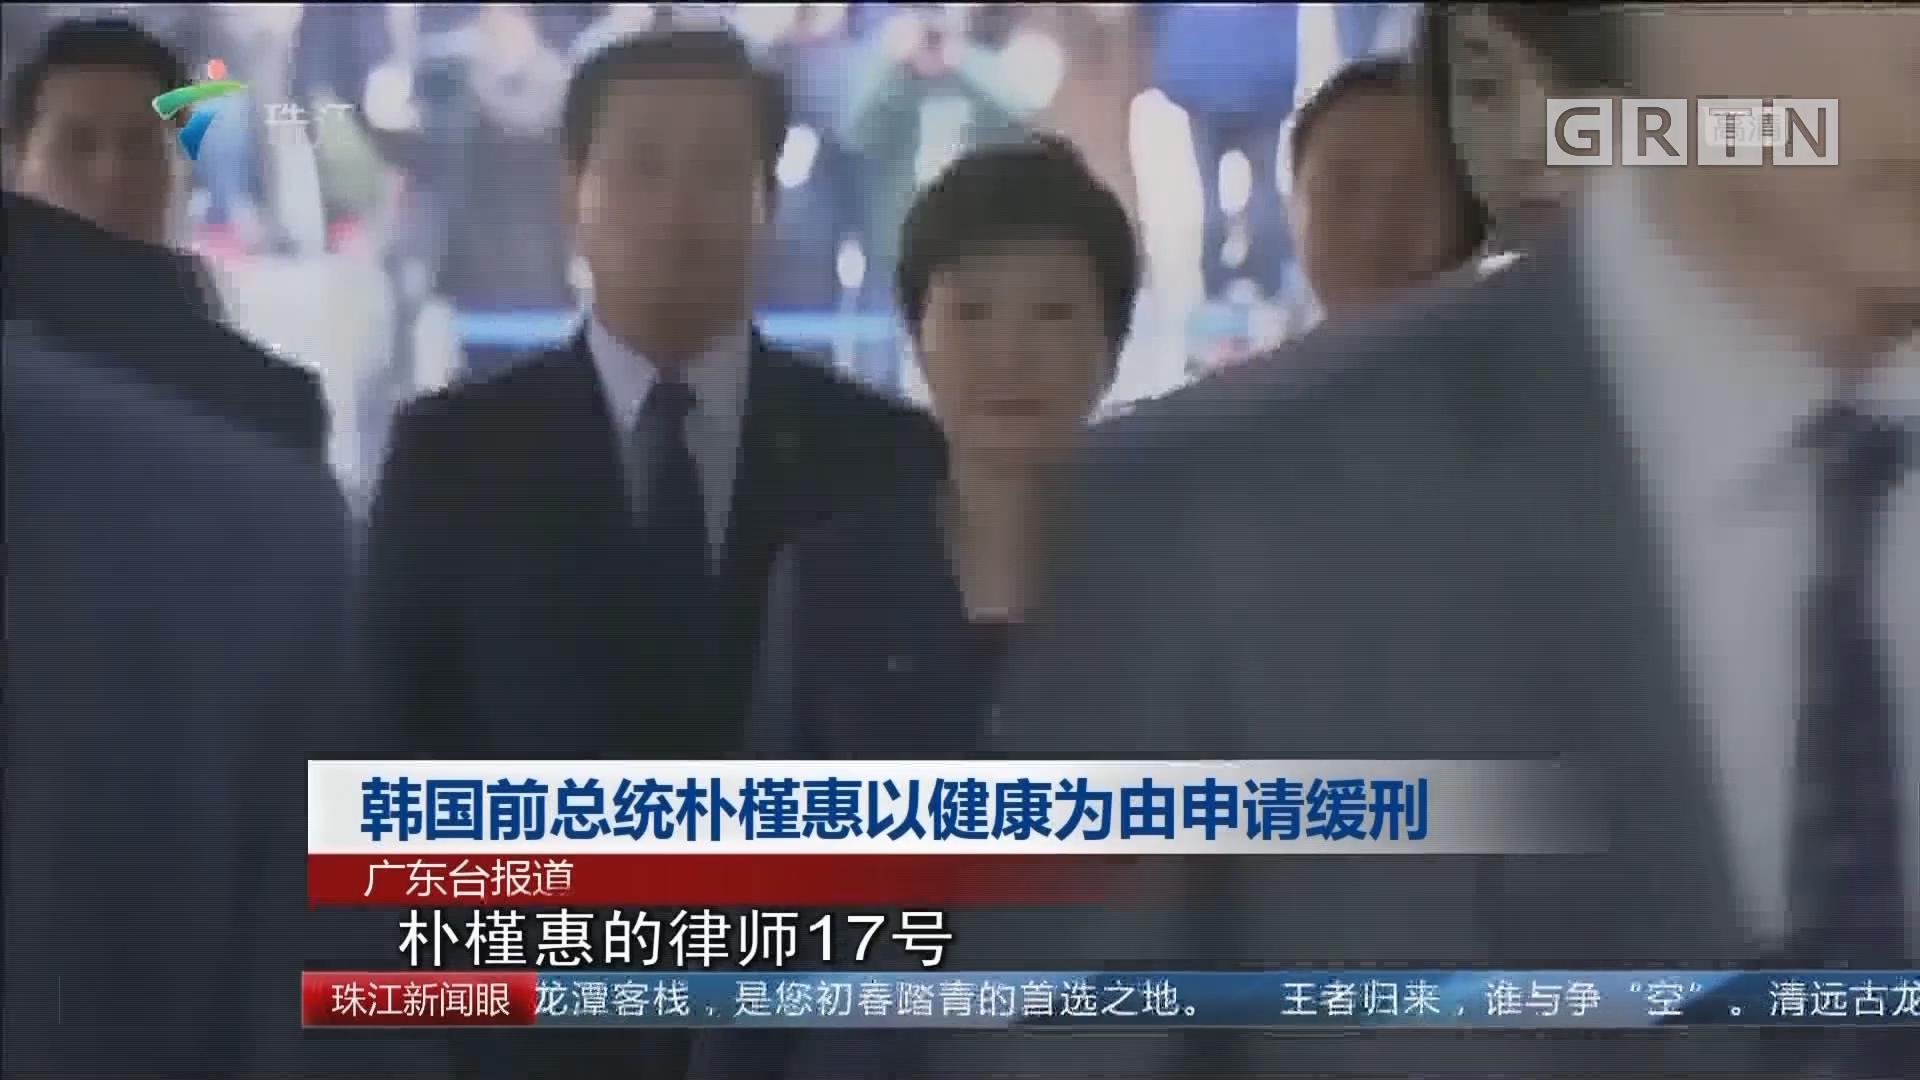 韩国前总统朴槿惠以健康为由申请缓刑